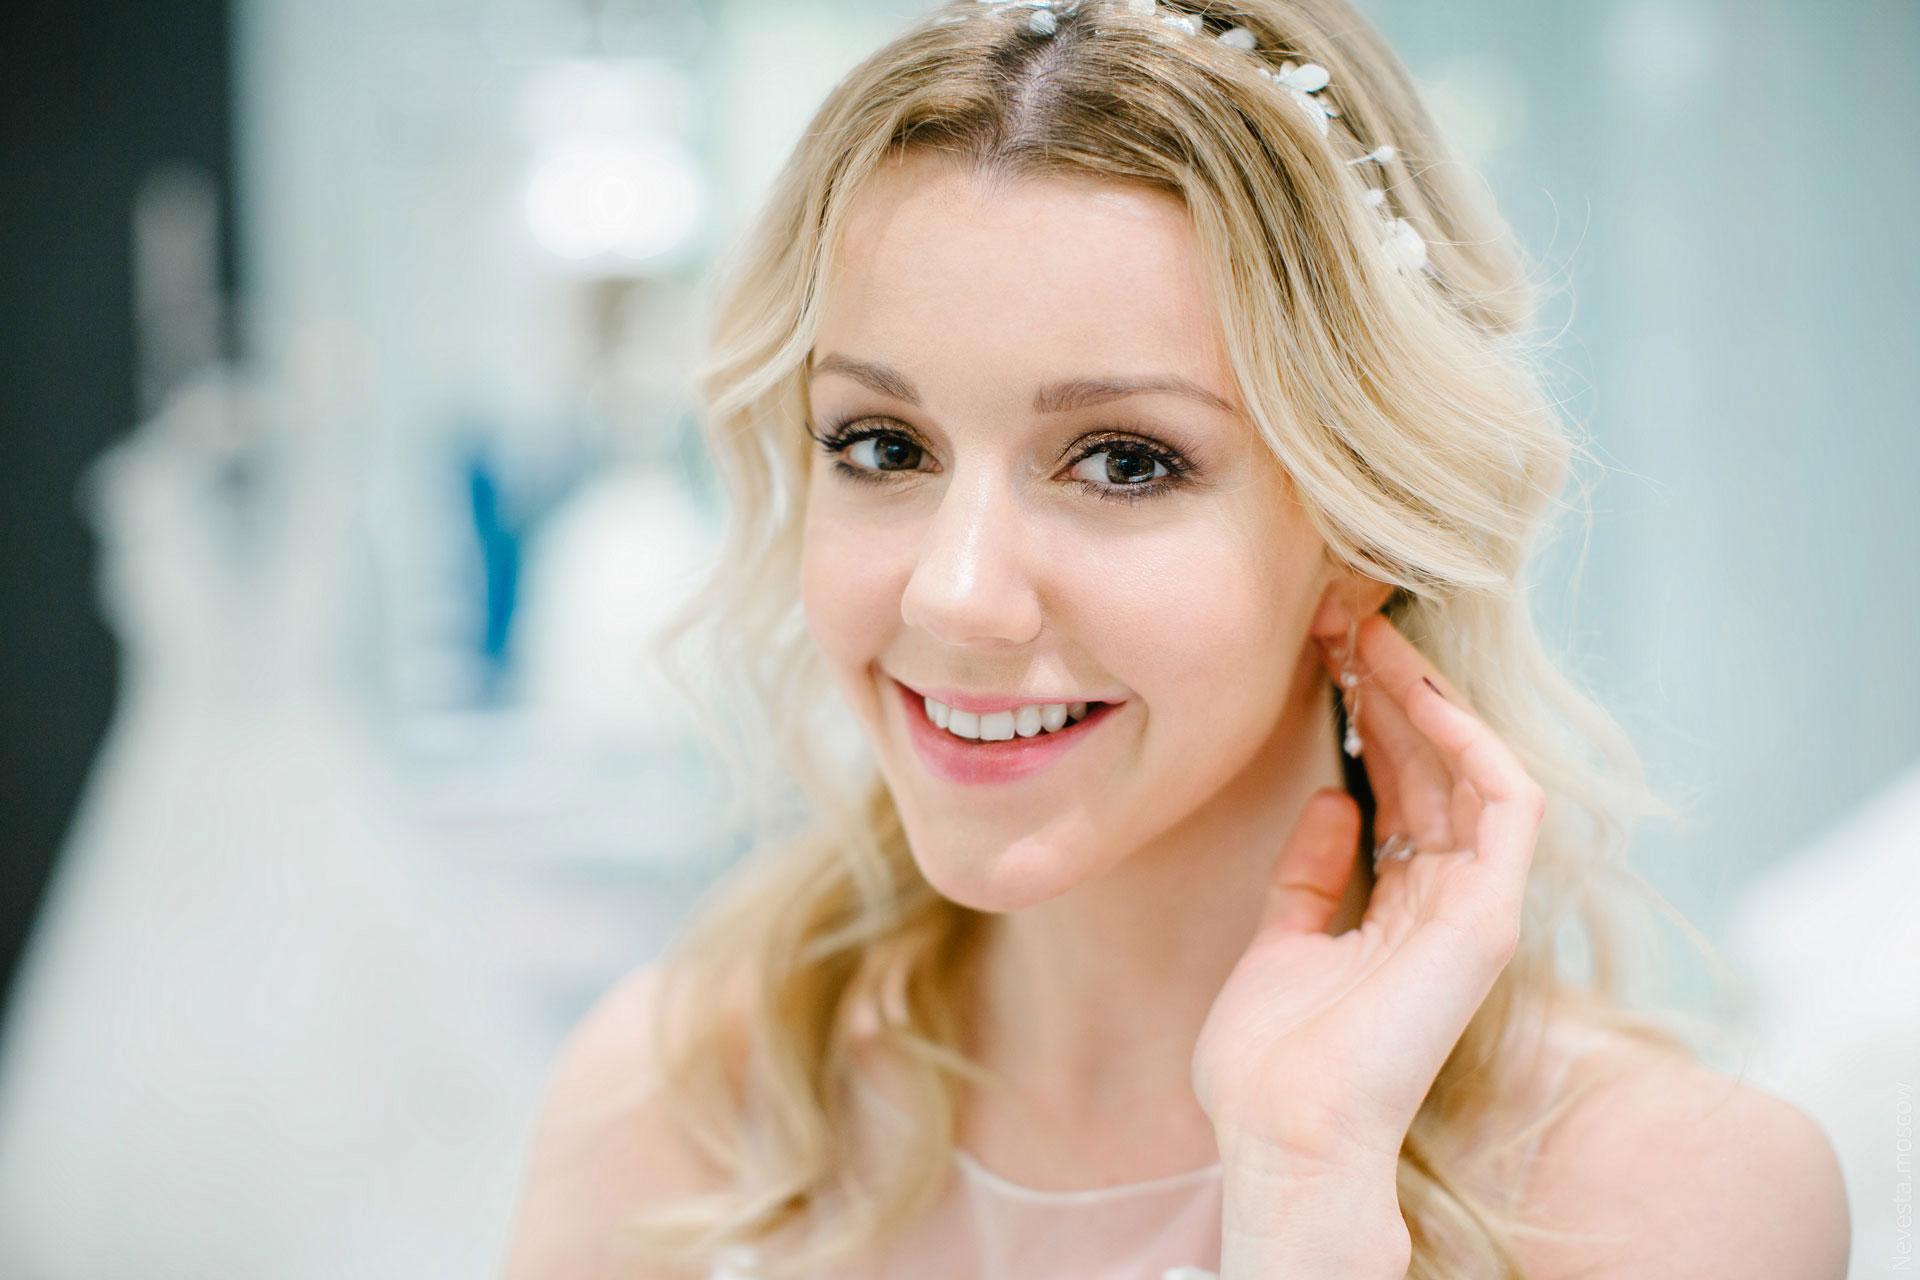 Юлианна Караулова примеряет образ для весенней свадьбы фото 13